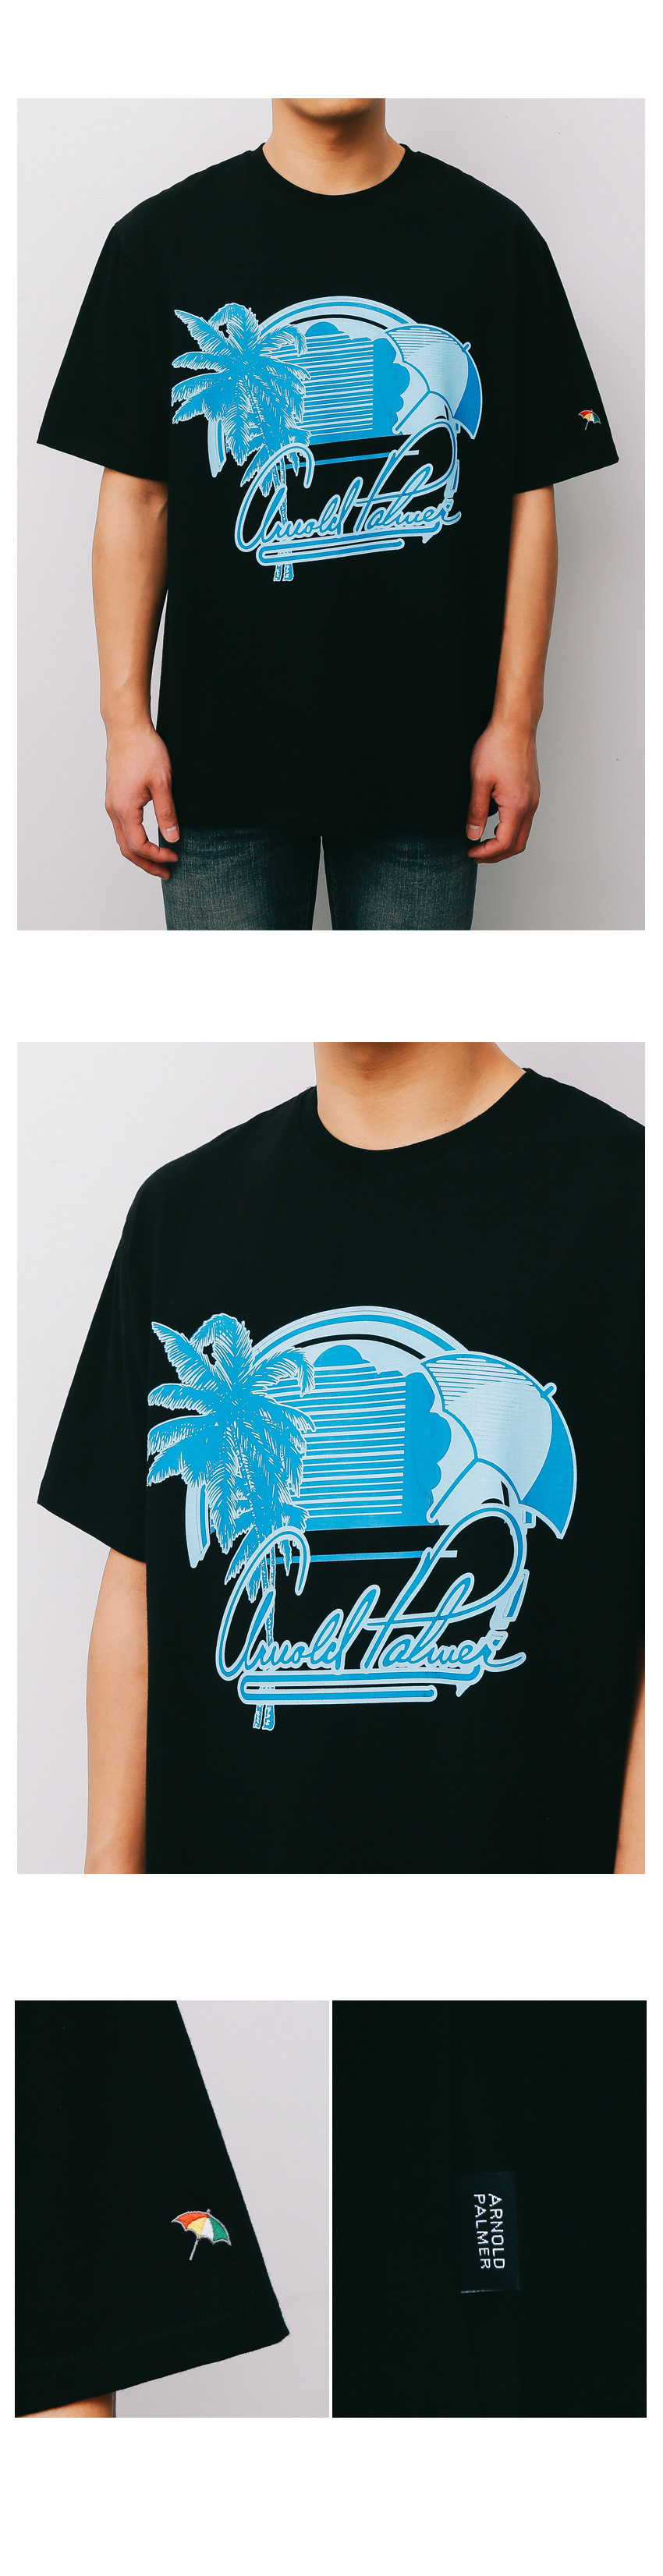 [ARNOLD PALMER X ESN] Palmbrella 1/2 Tee black